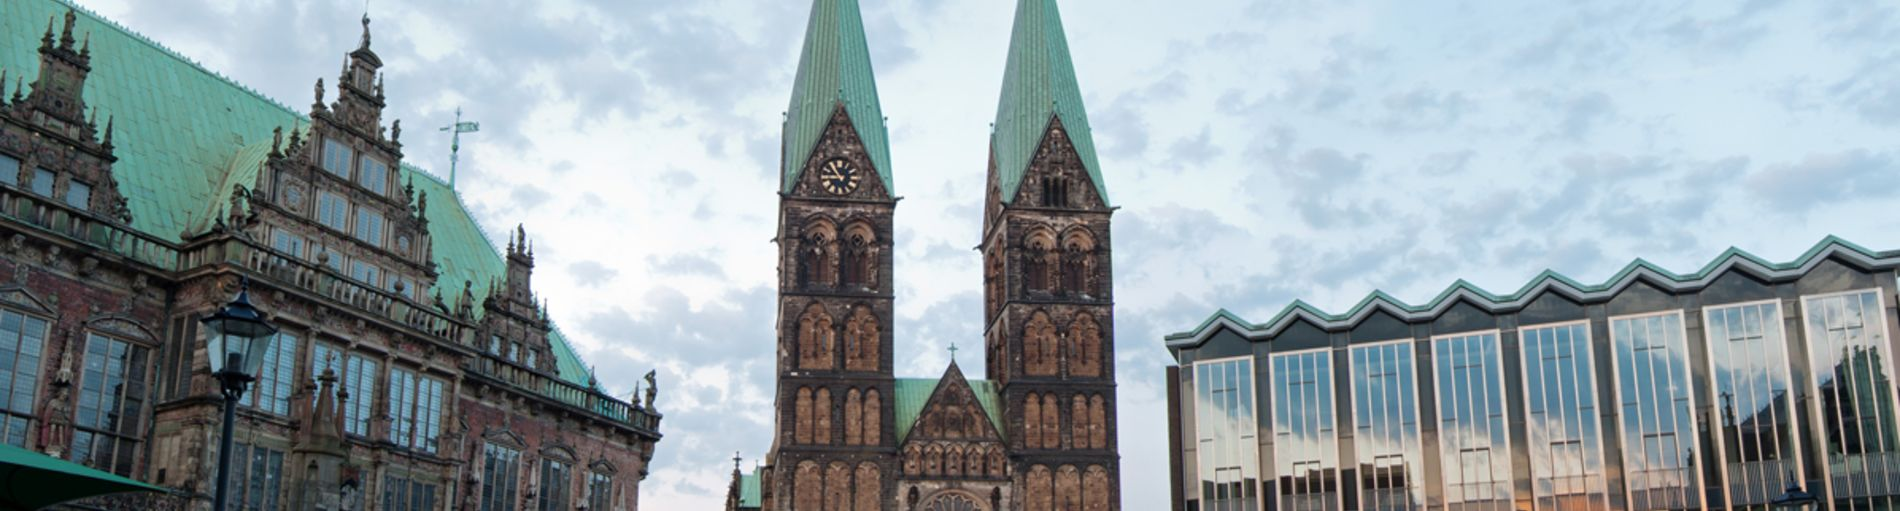 Blick vom Marktplatz aus Richtung Südost auf St. Petri Dom zwischen Rathaus und Bürgerschaft